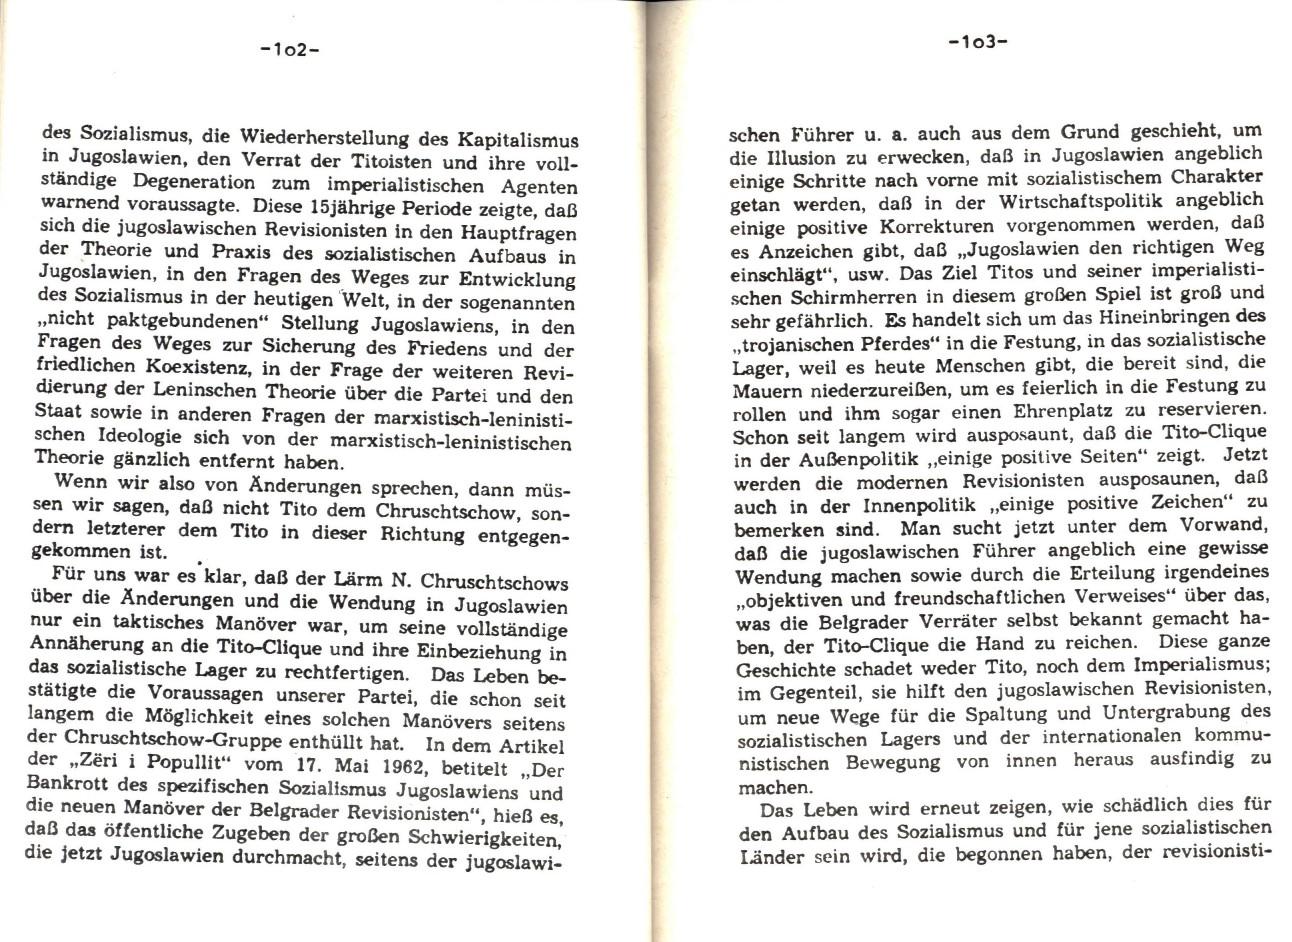 MLSK_Theorie_und_Praxis_des_ML_1979_24_53